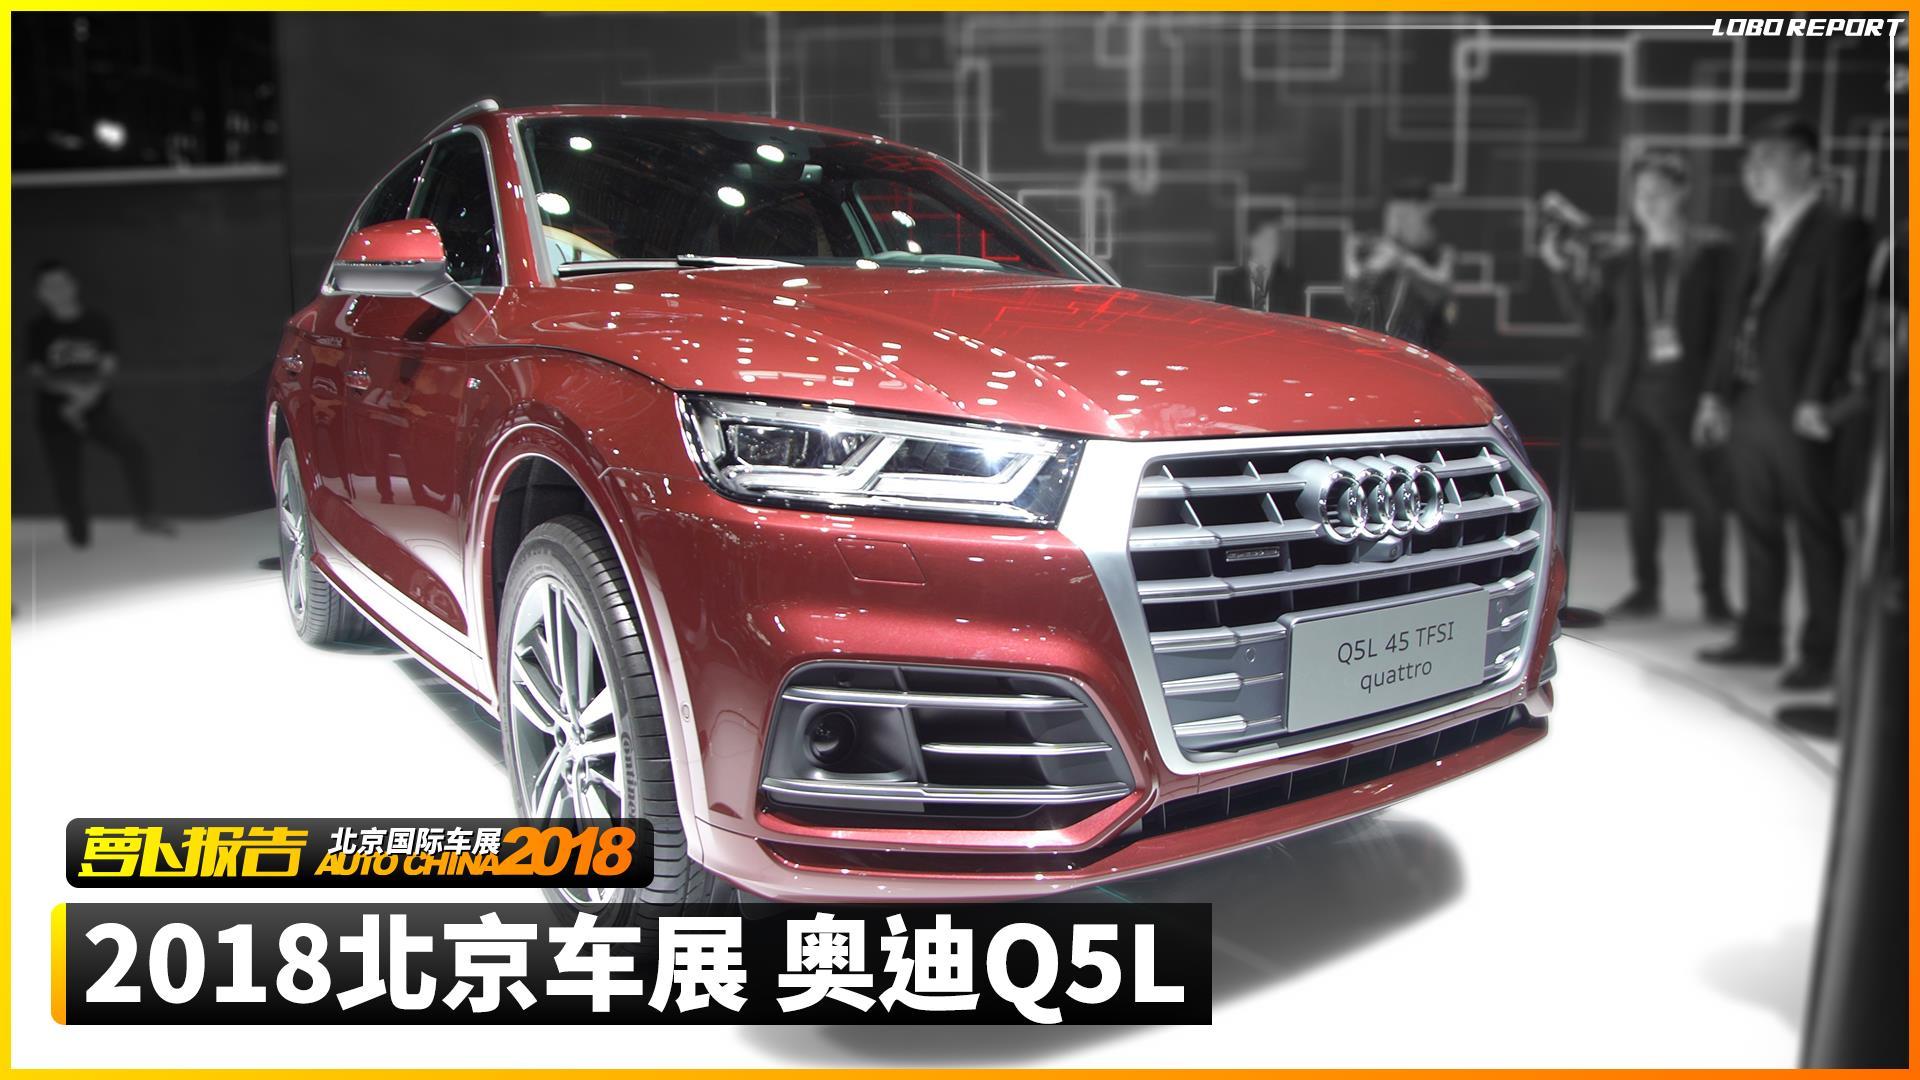 中型SUV老选手奥迪Q5L 北京车展揭开神秘面纱